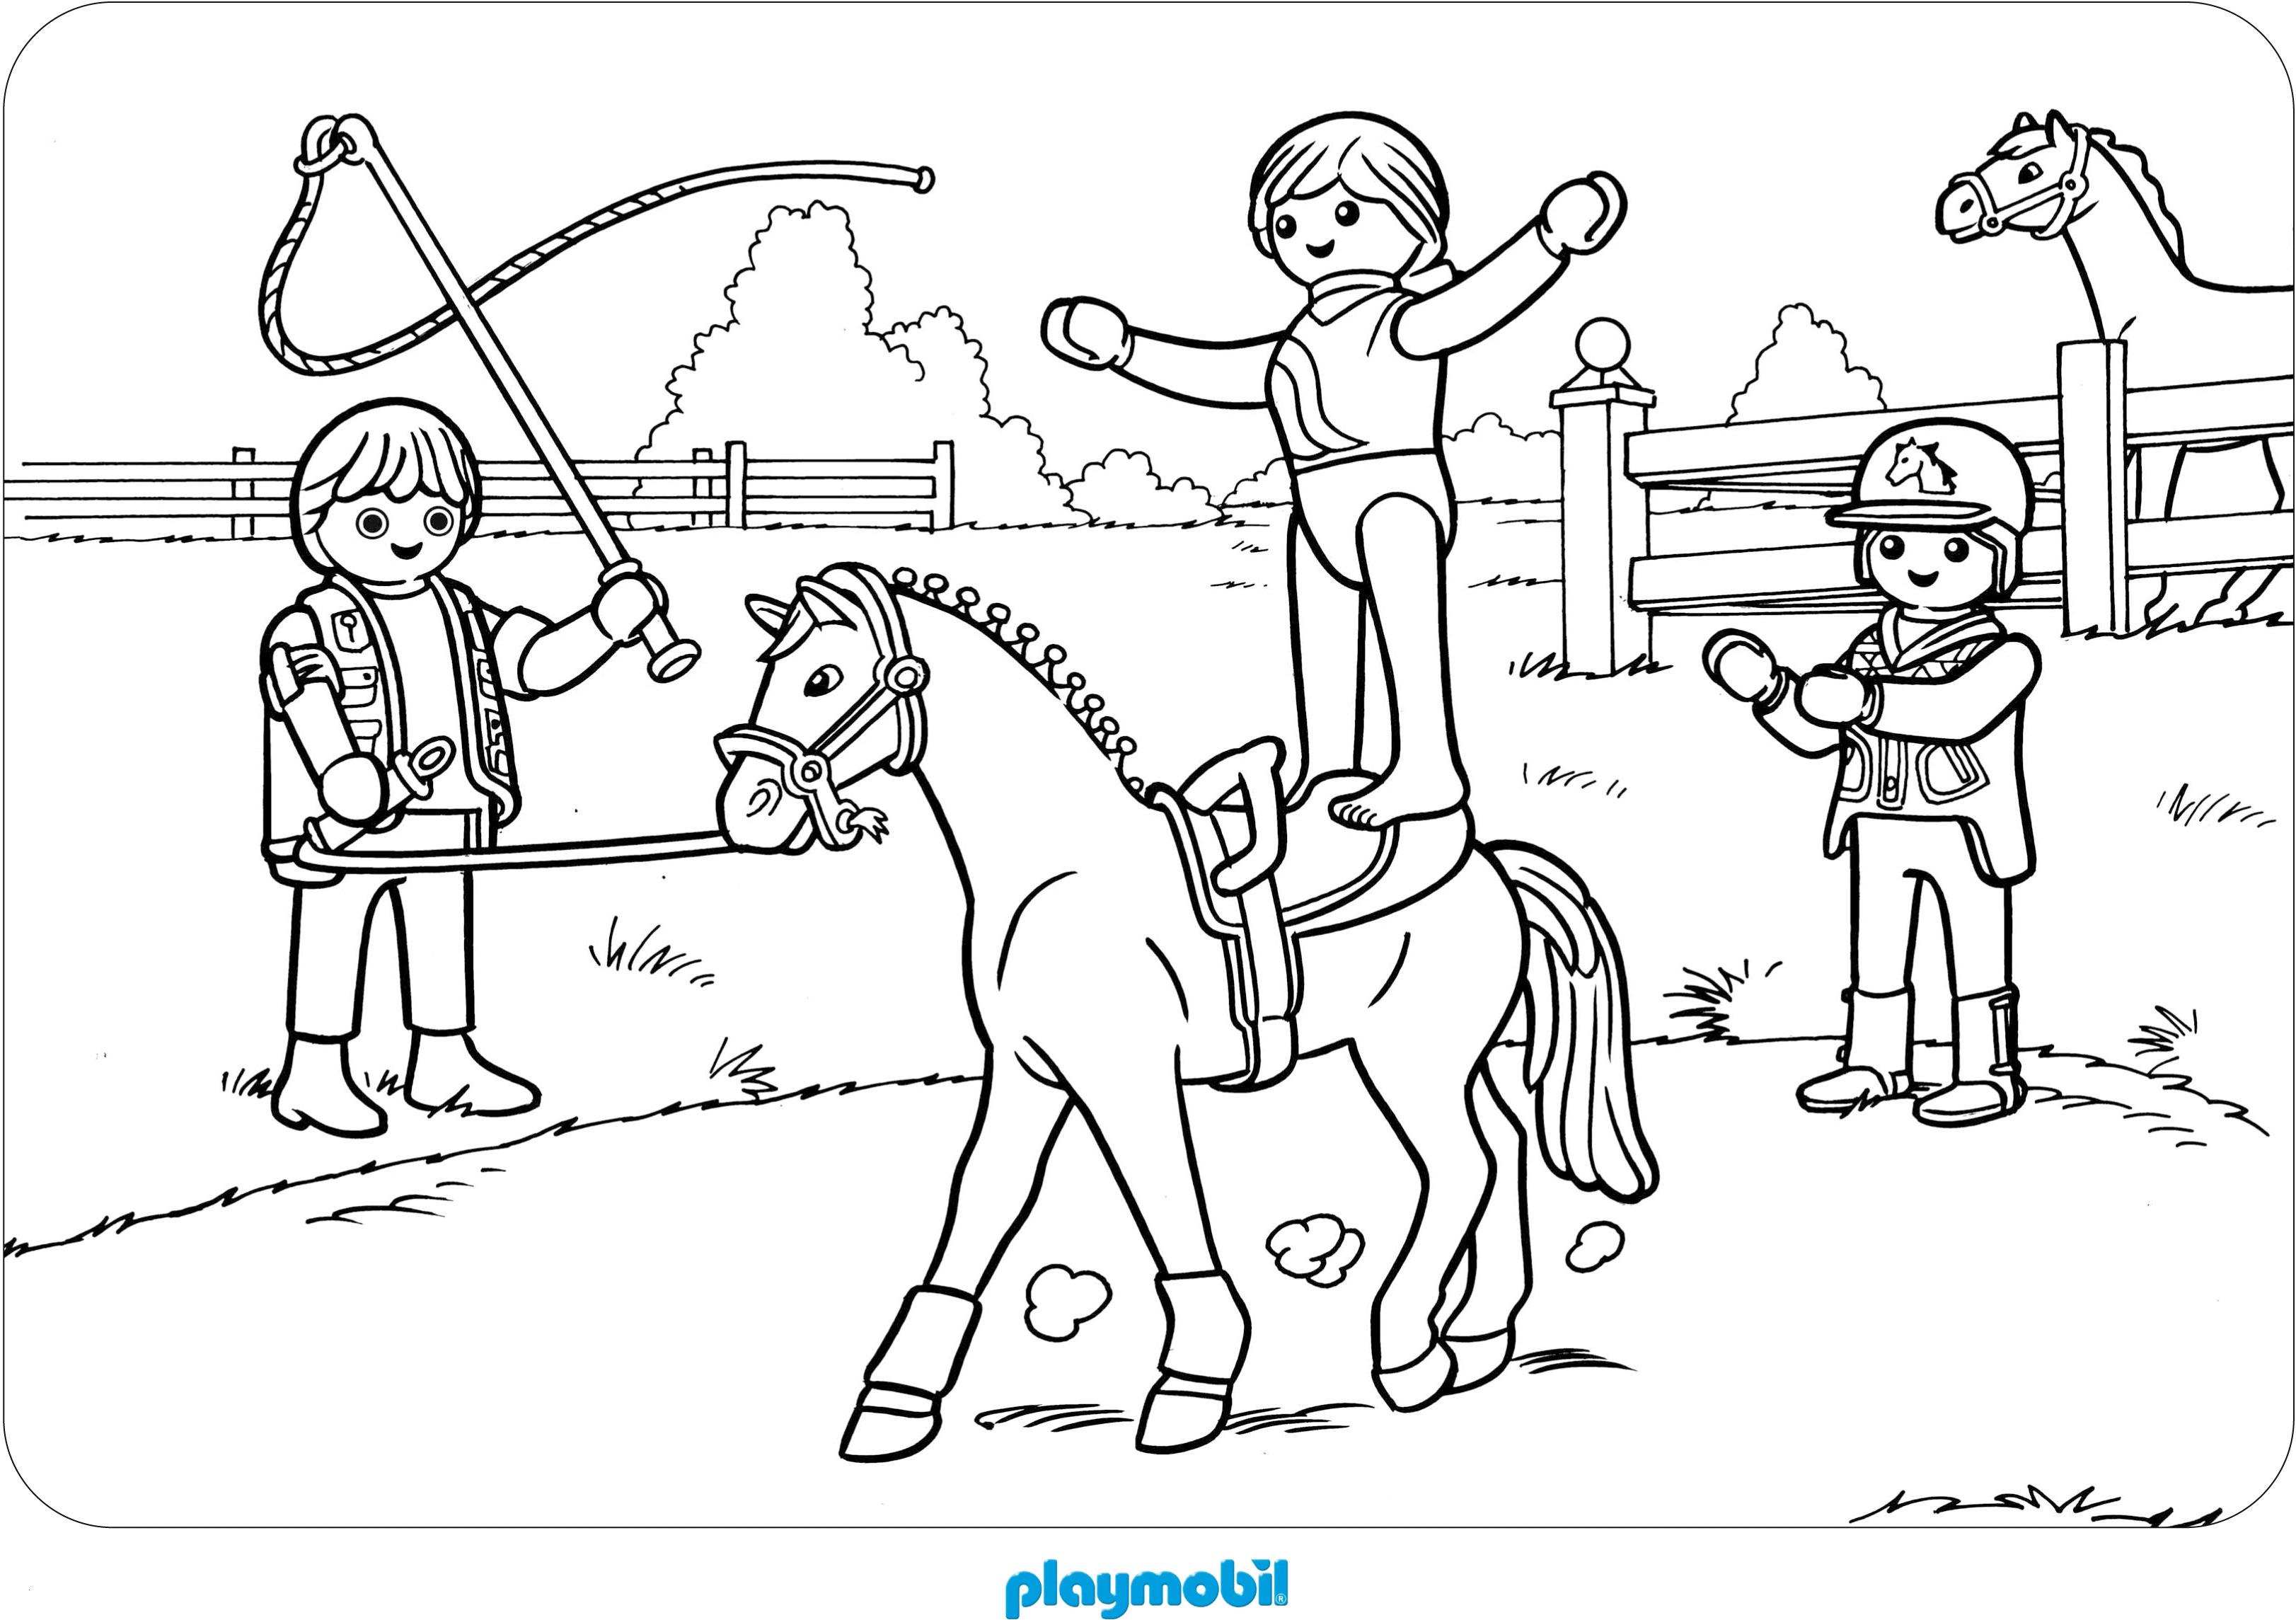 Dino Zug Ausmalbilder Frisch Ausmalen Macht Spaß Alle Playmobil Malvorlagen Frisch Ausmalbilder Galerie